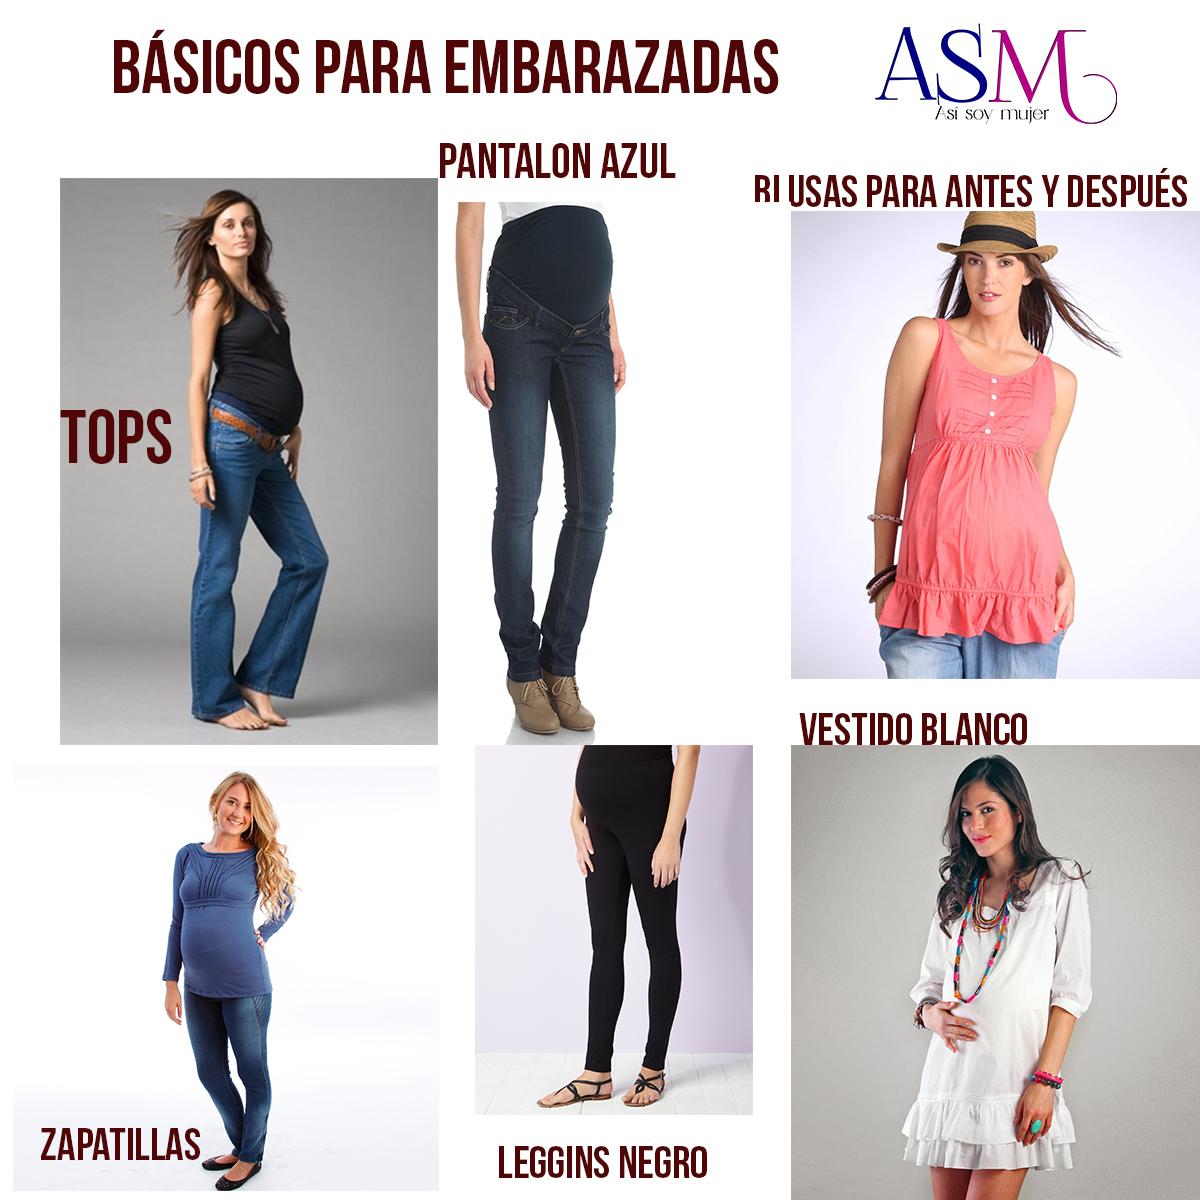 88706a0c9 Repercusiones de la ropa ajustada en el embarazo - Asi Soy Mujer ...